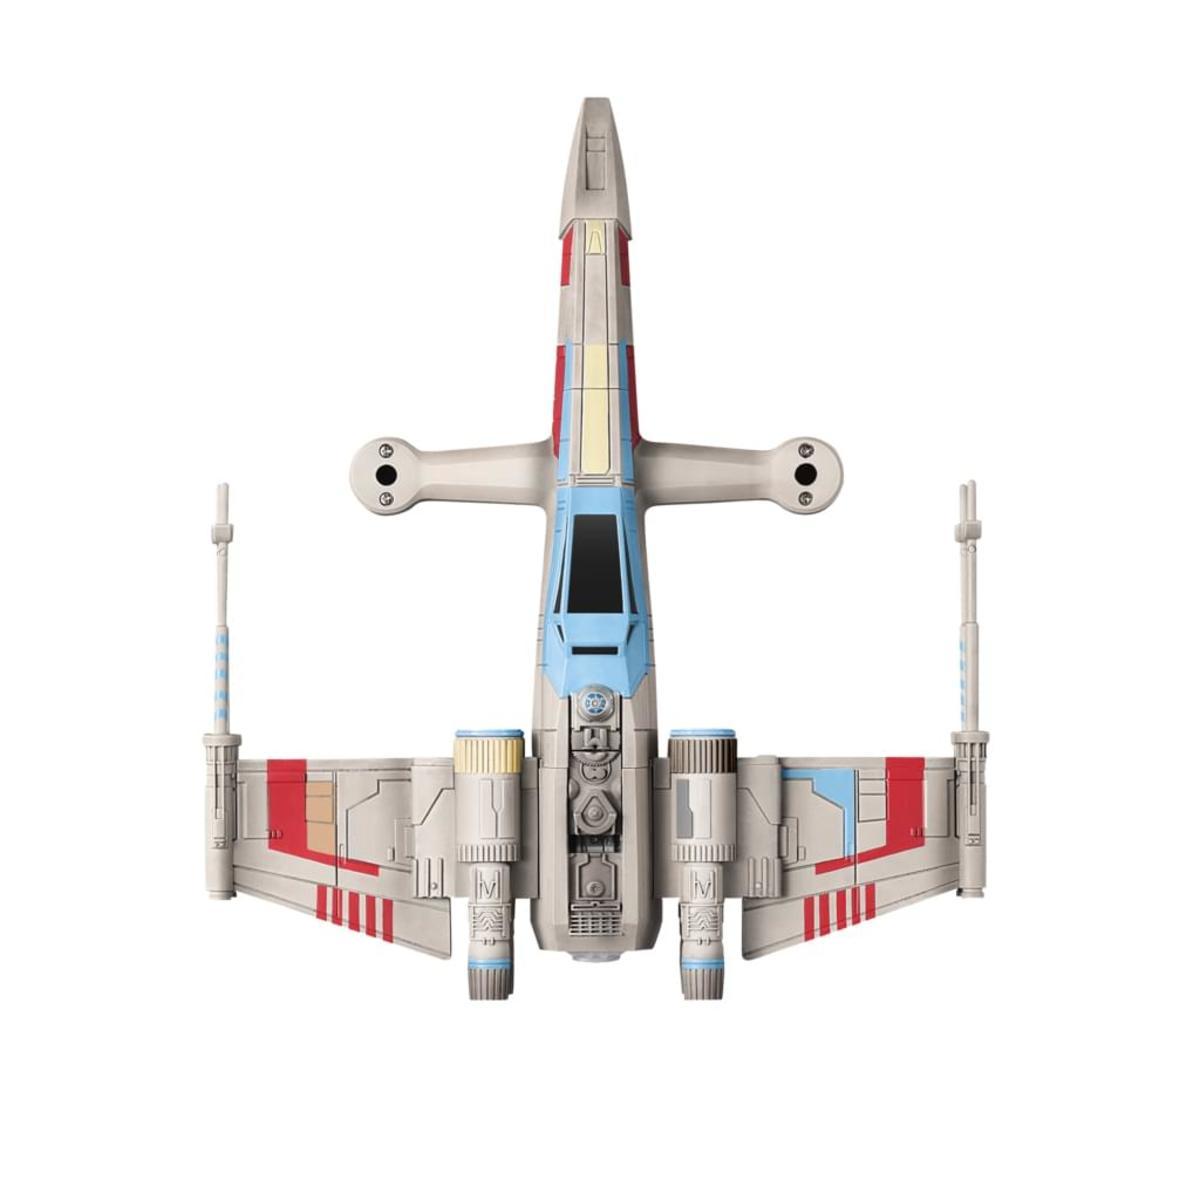 Bild 3 von Propel Star Wars™ Battle Quads: T-65 X-Wing Starfighter™ Flug Drohne SW-1977-CX